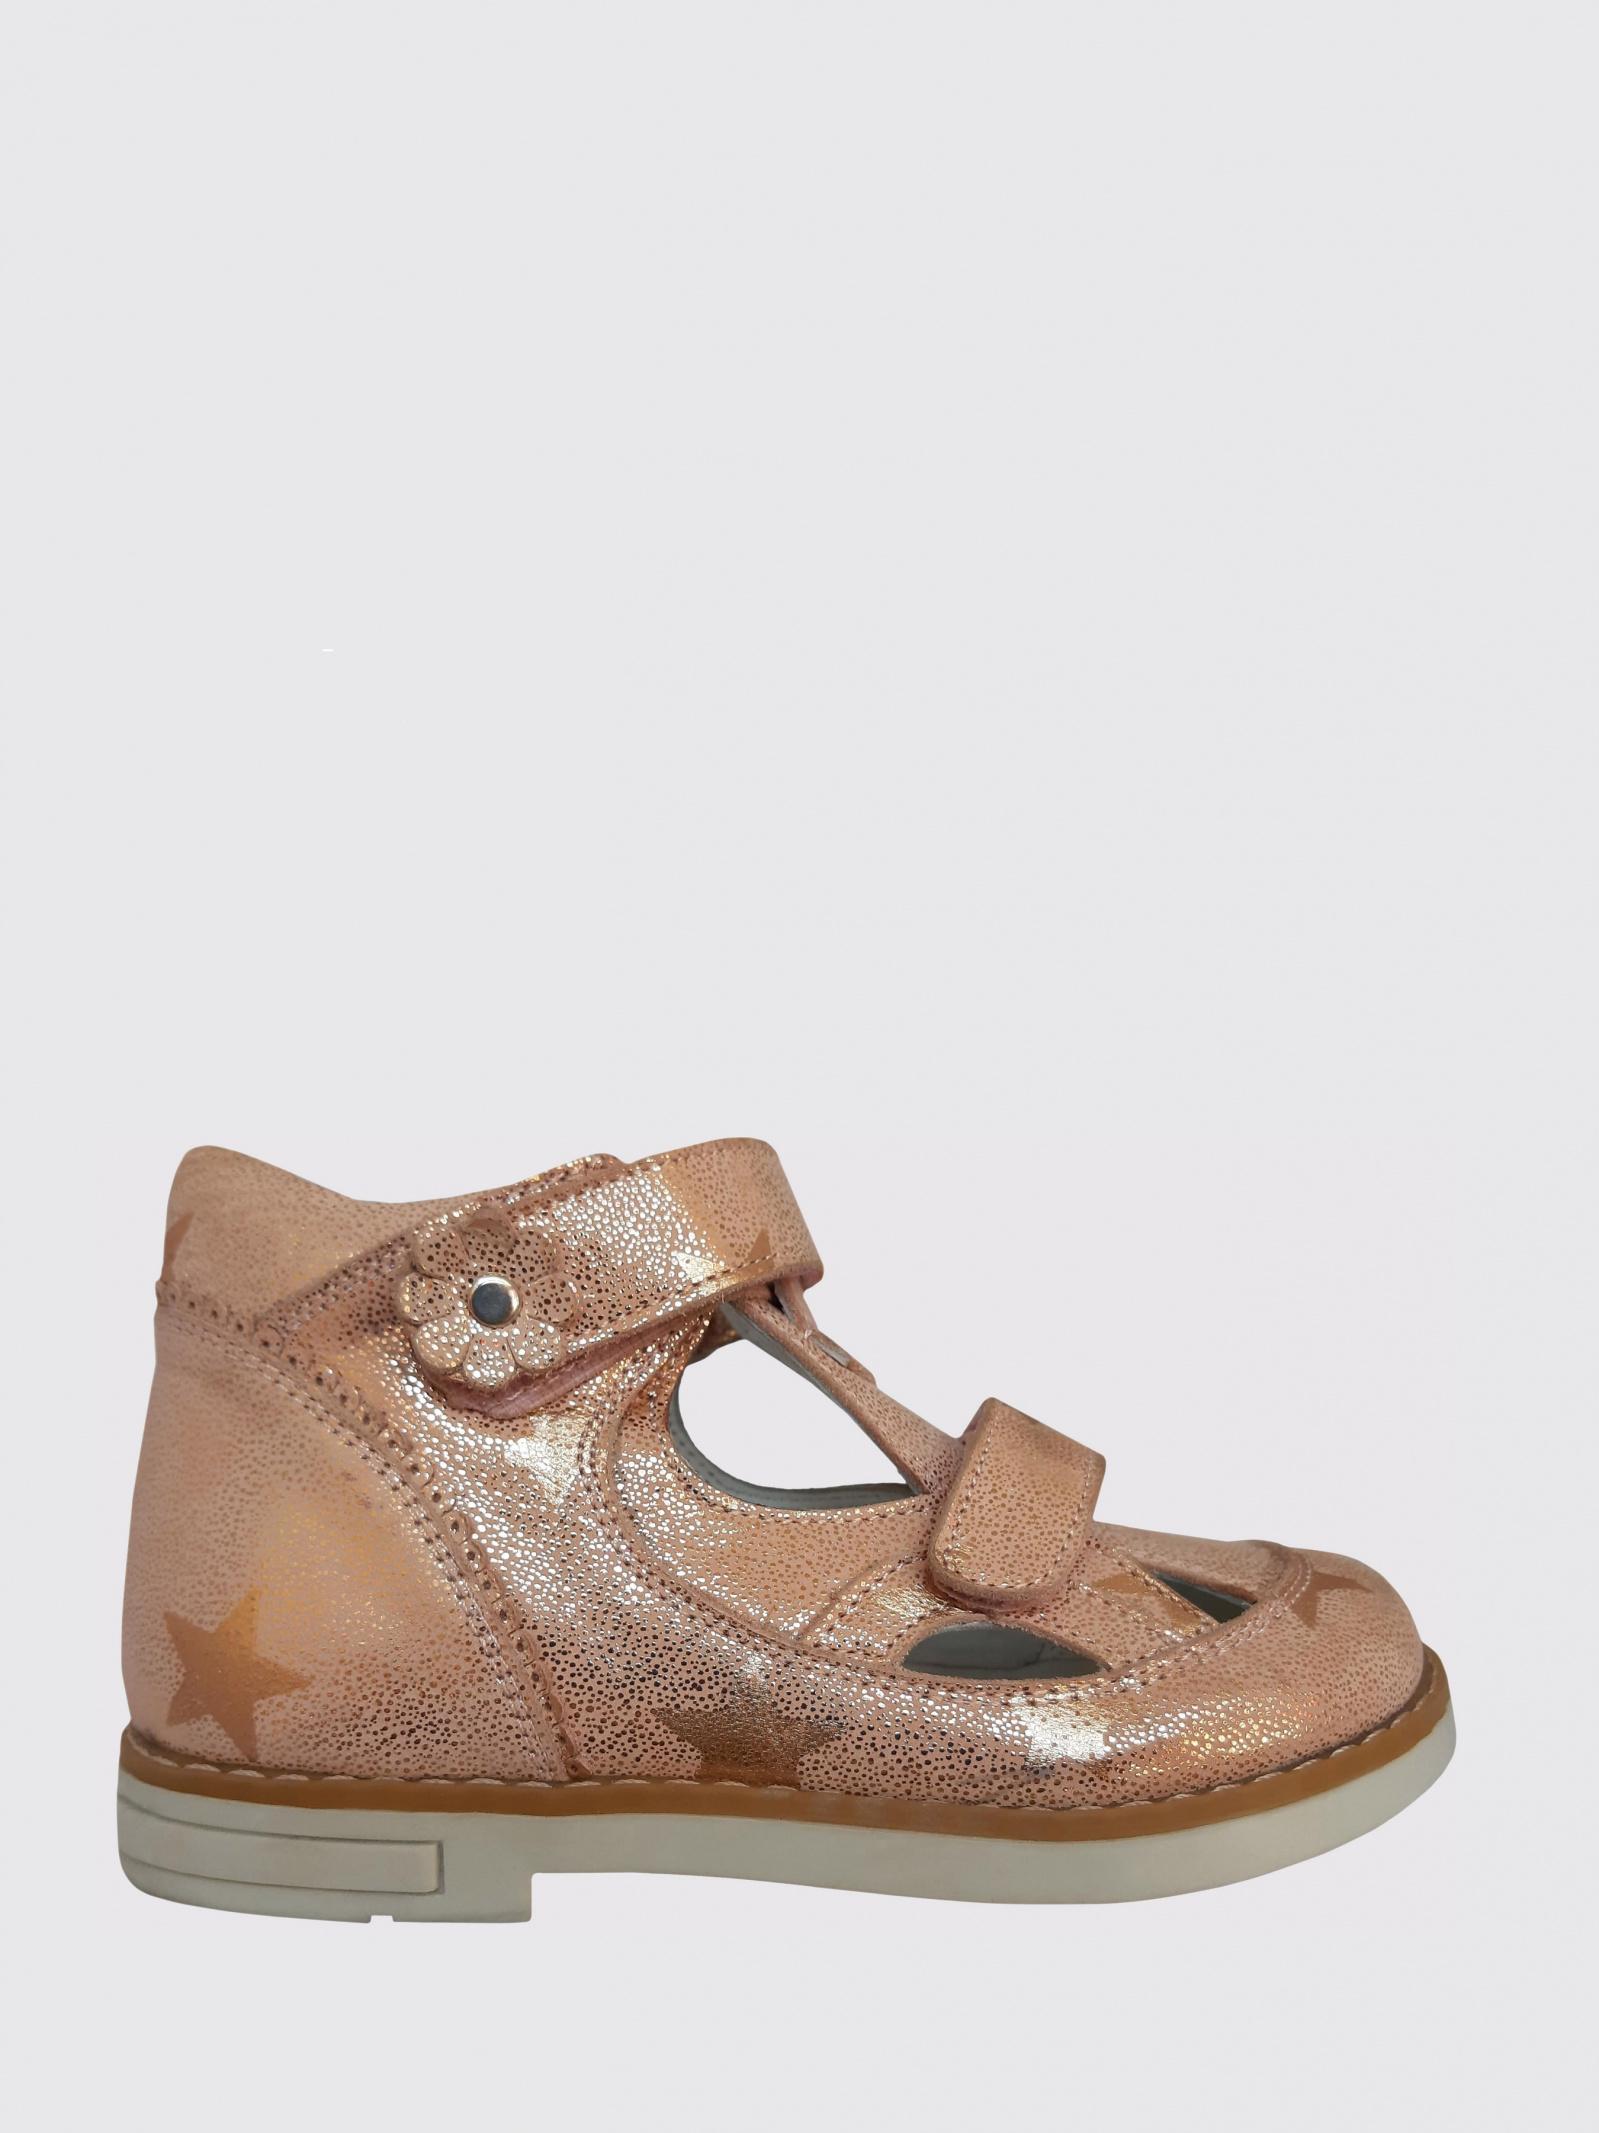 Туфли для детей Perlina 58PUDRA цена, 2017